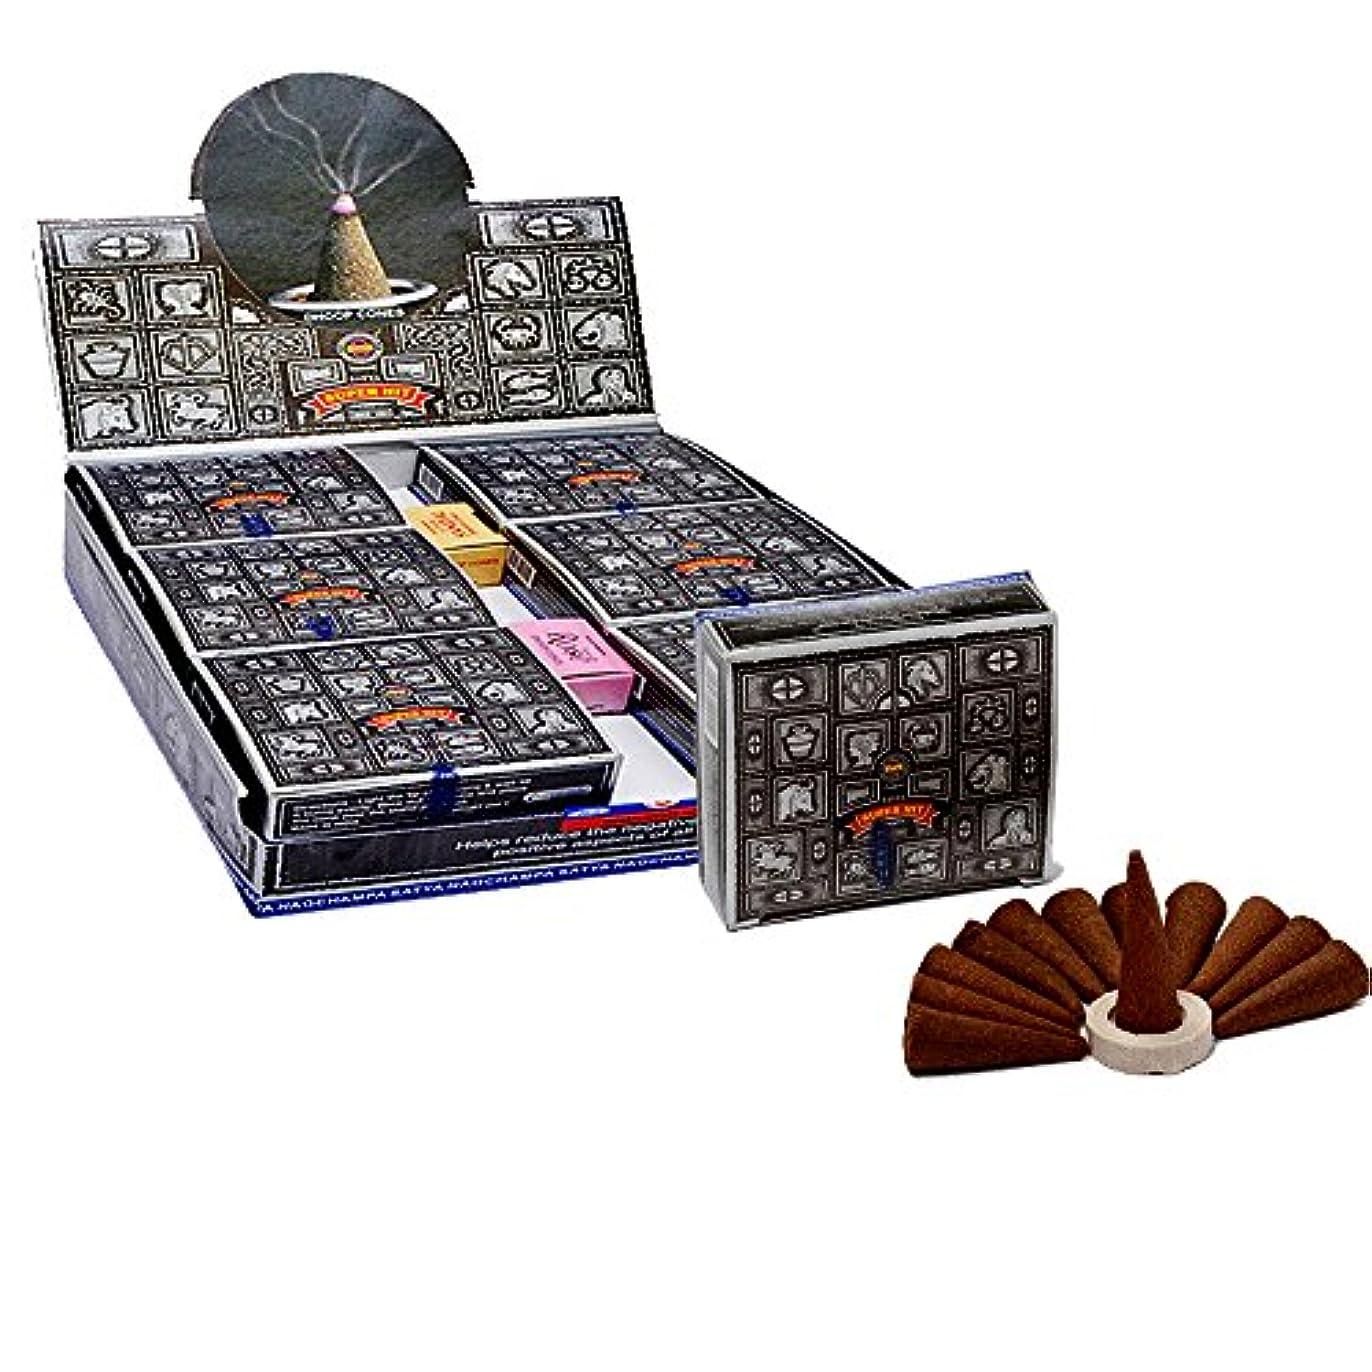 期待して確かに偉業SatyaスーパーヒットTemple Incense Cones、12 Cones in aパック、12パックin aボックス